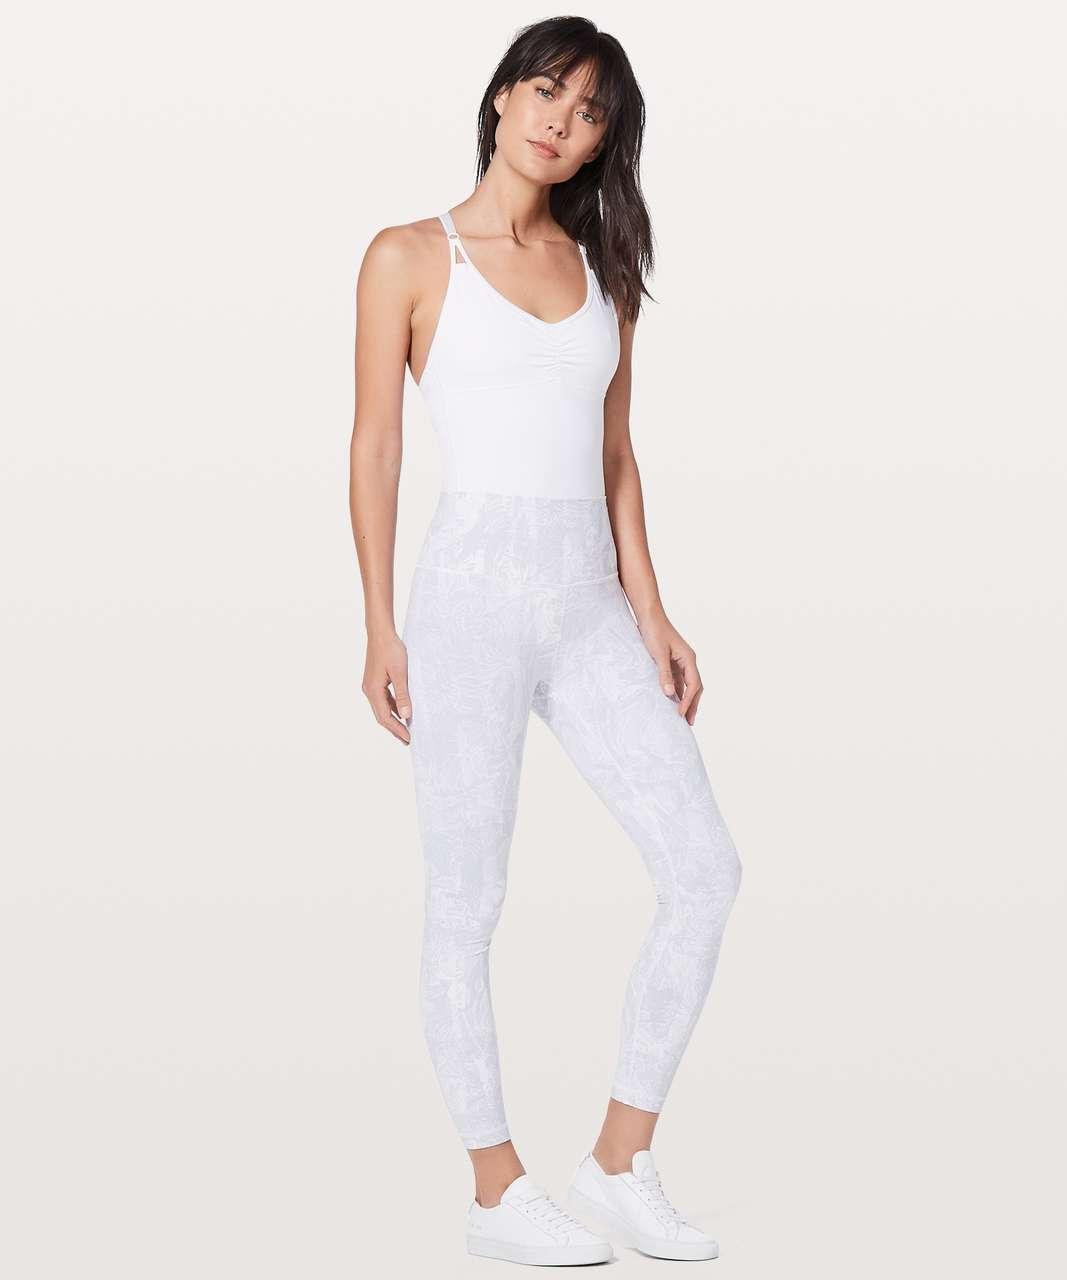 Lululemon The Easy Bodysuit - White